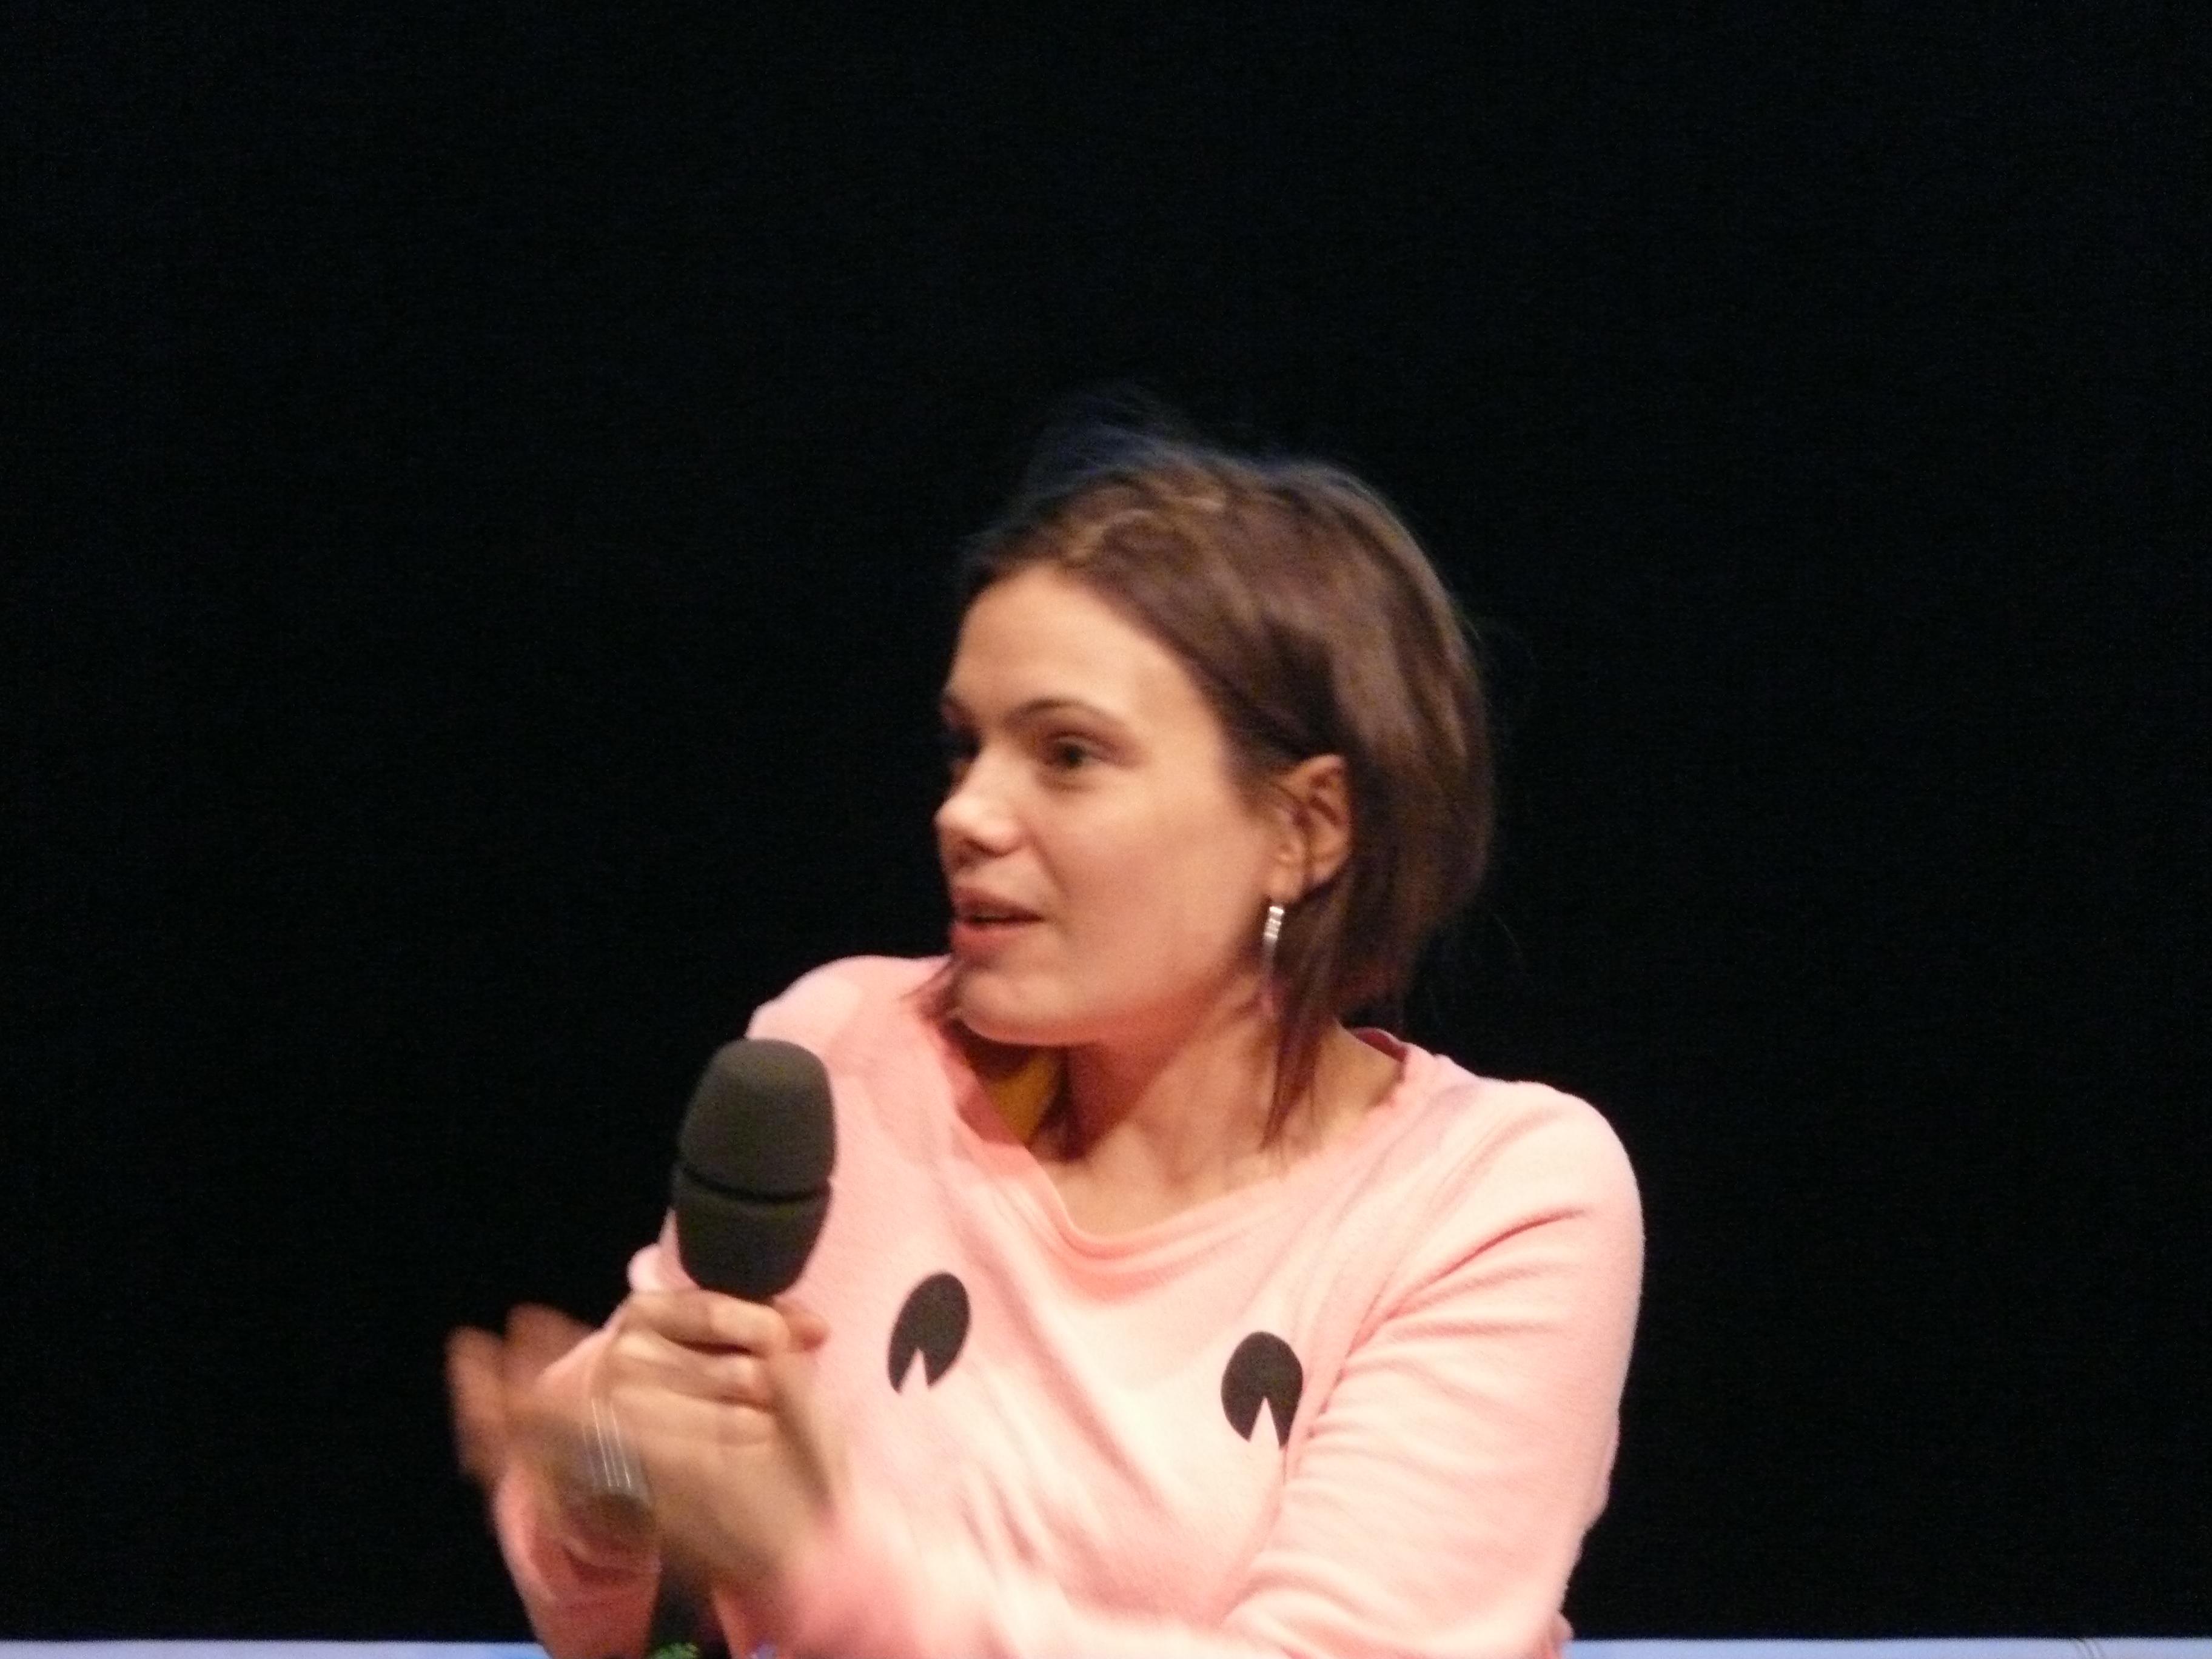 AMT Rendez-vous #5: Régine Debatty + Addie Wagenknecht